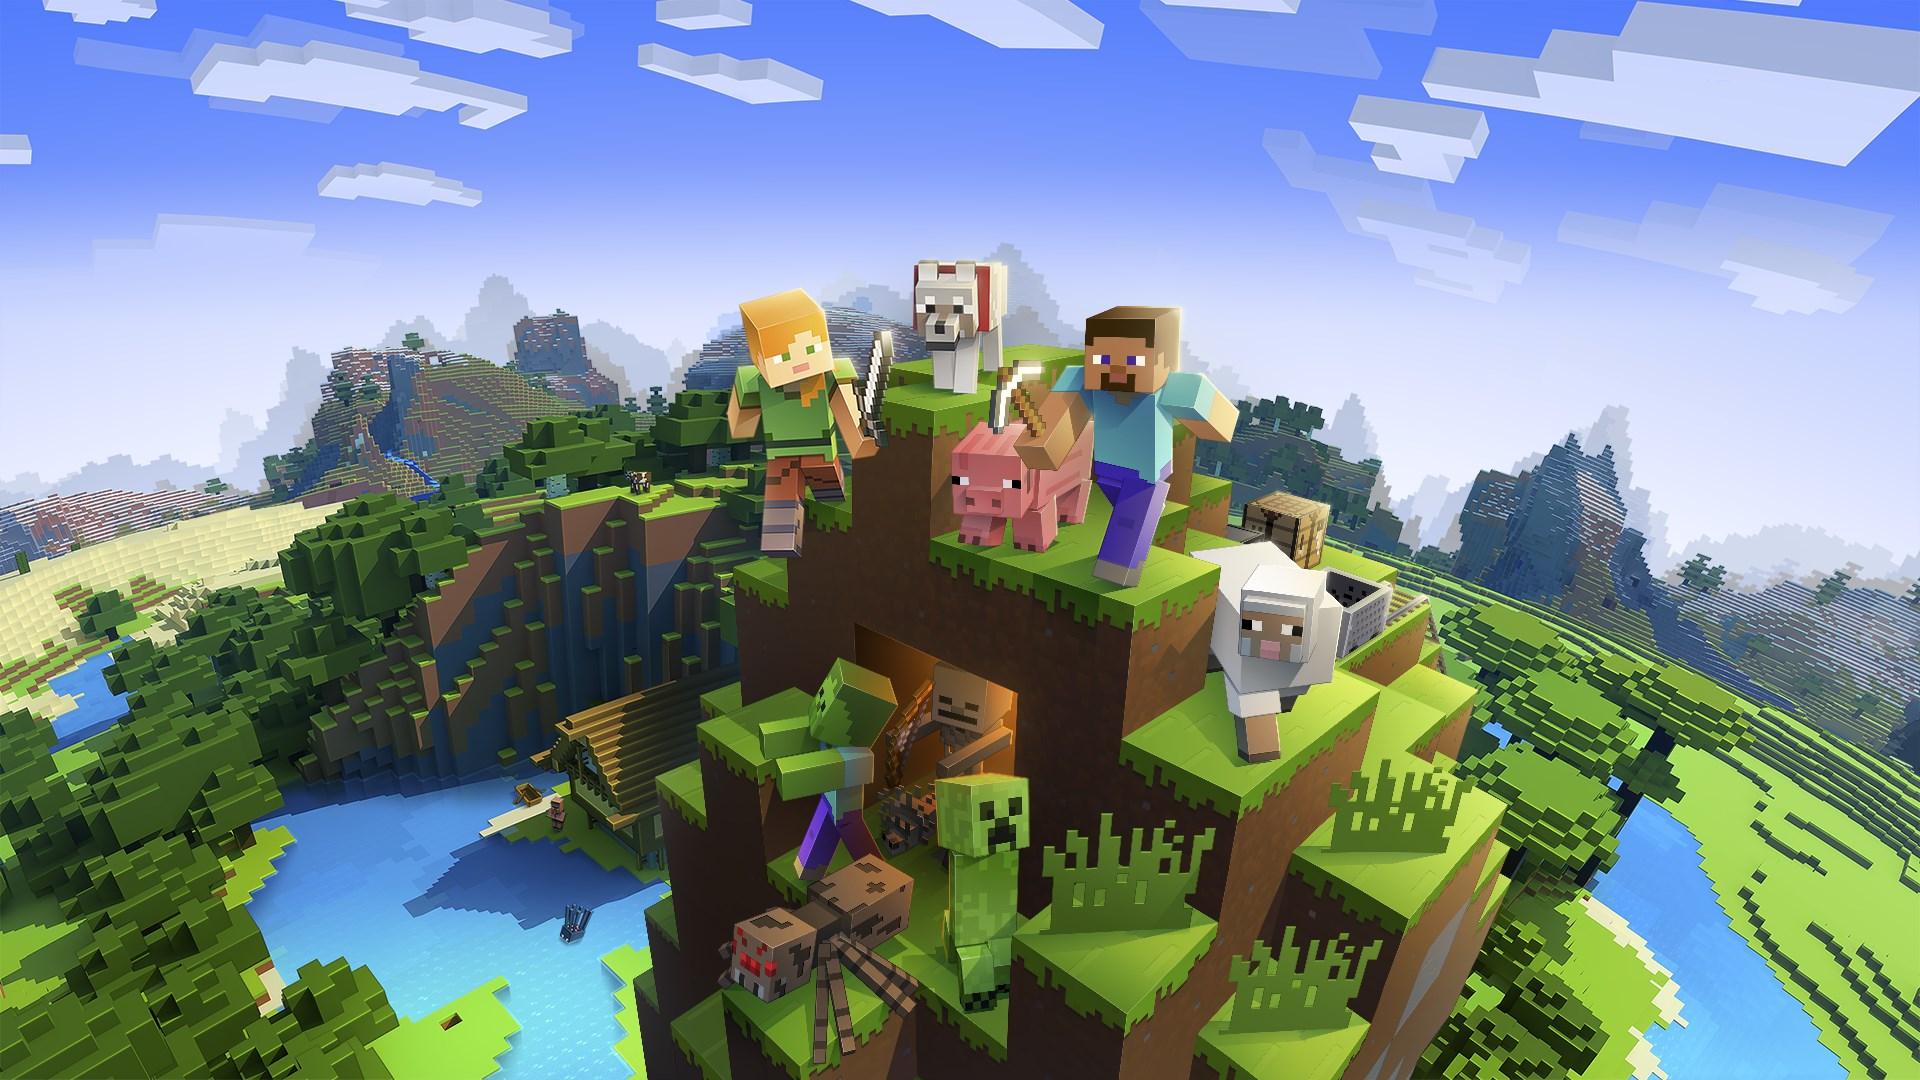 Ежемесячная аудитория Minecraft достигла 91 млн игроков